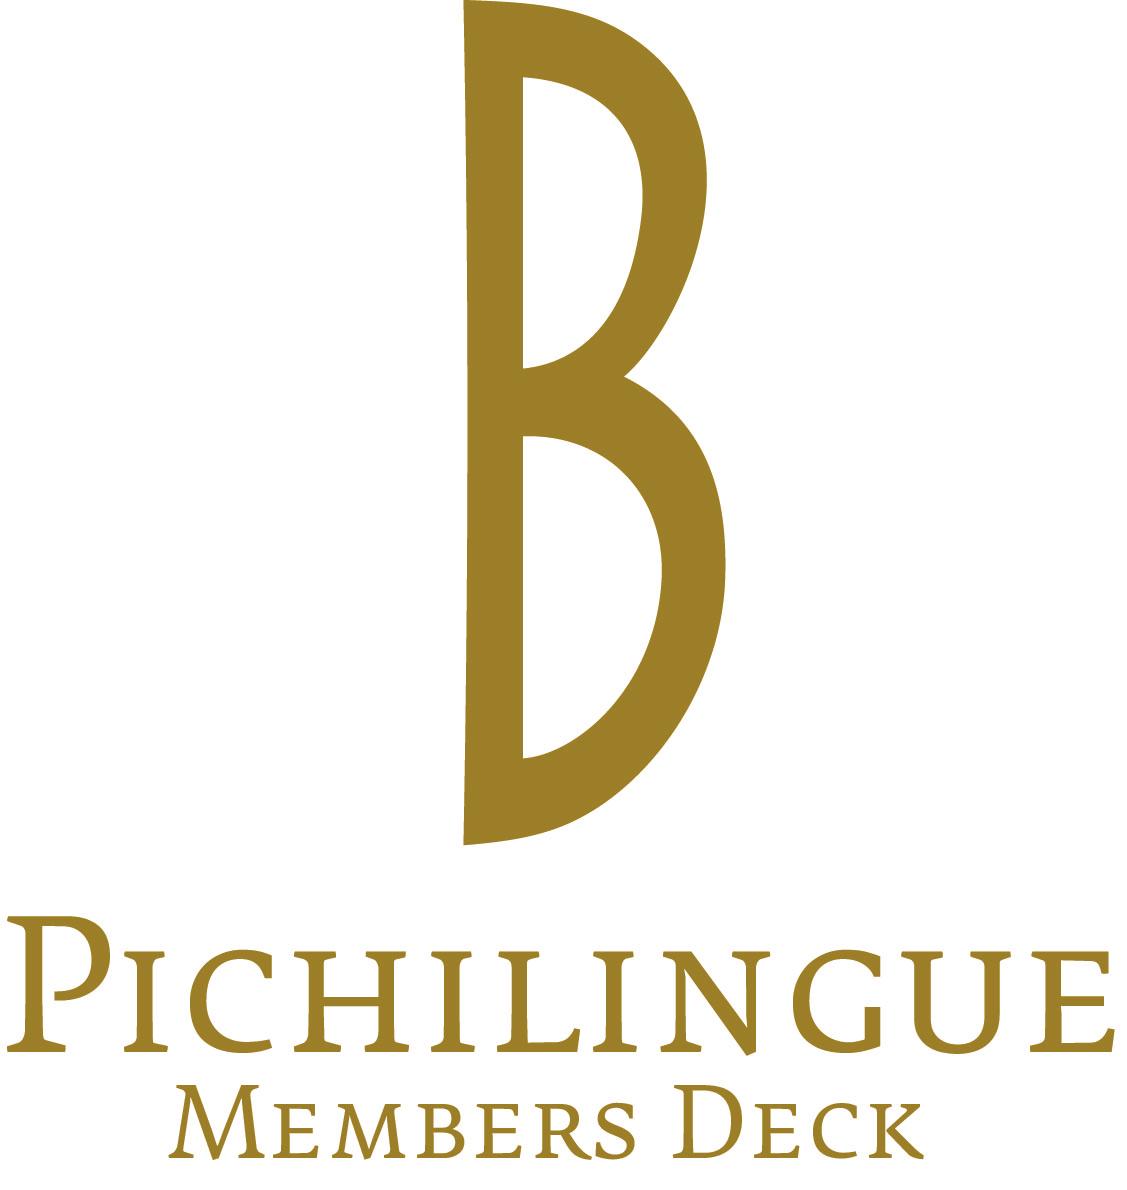 B Pichilingue